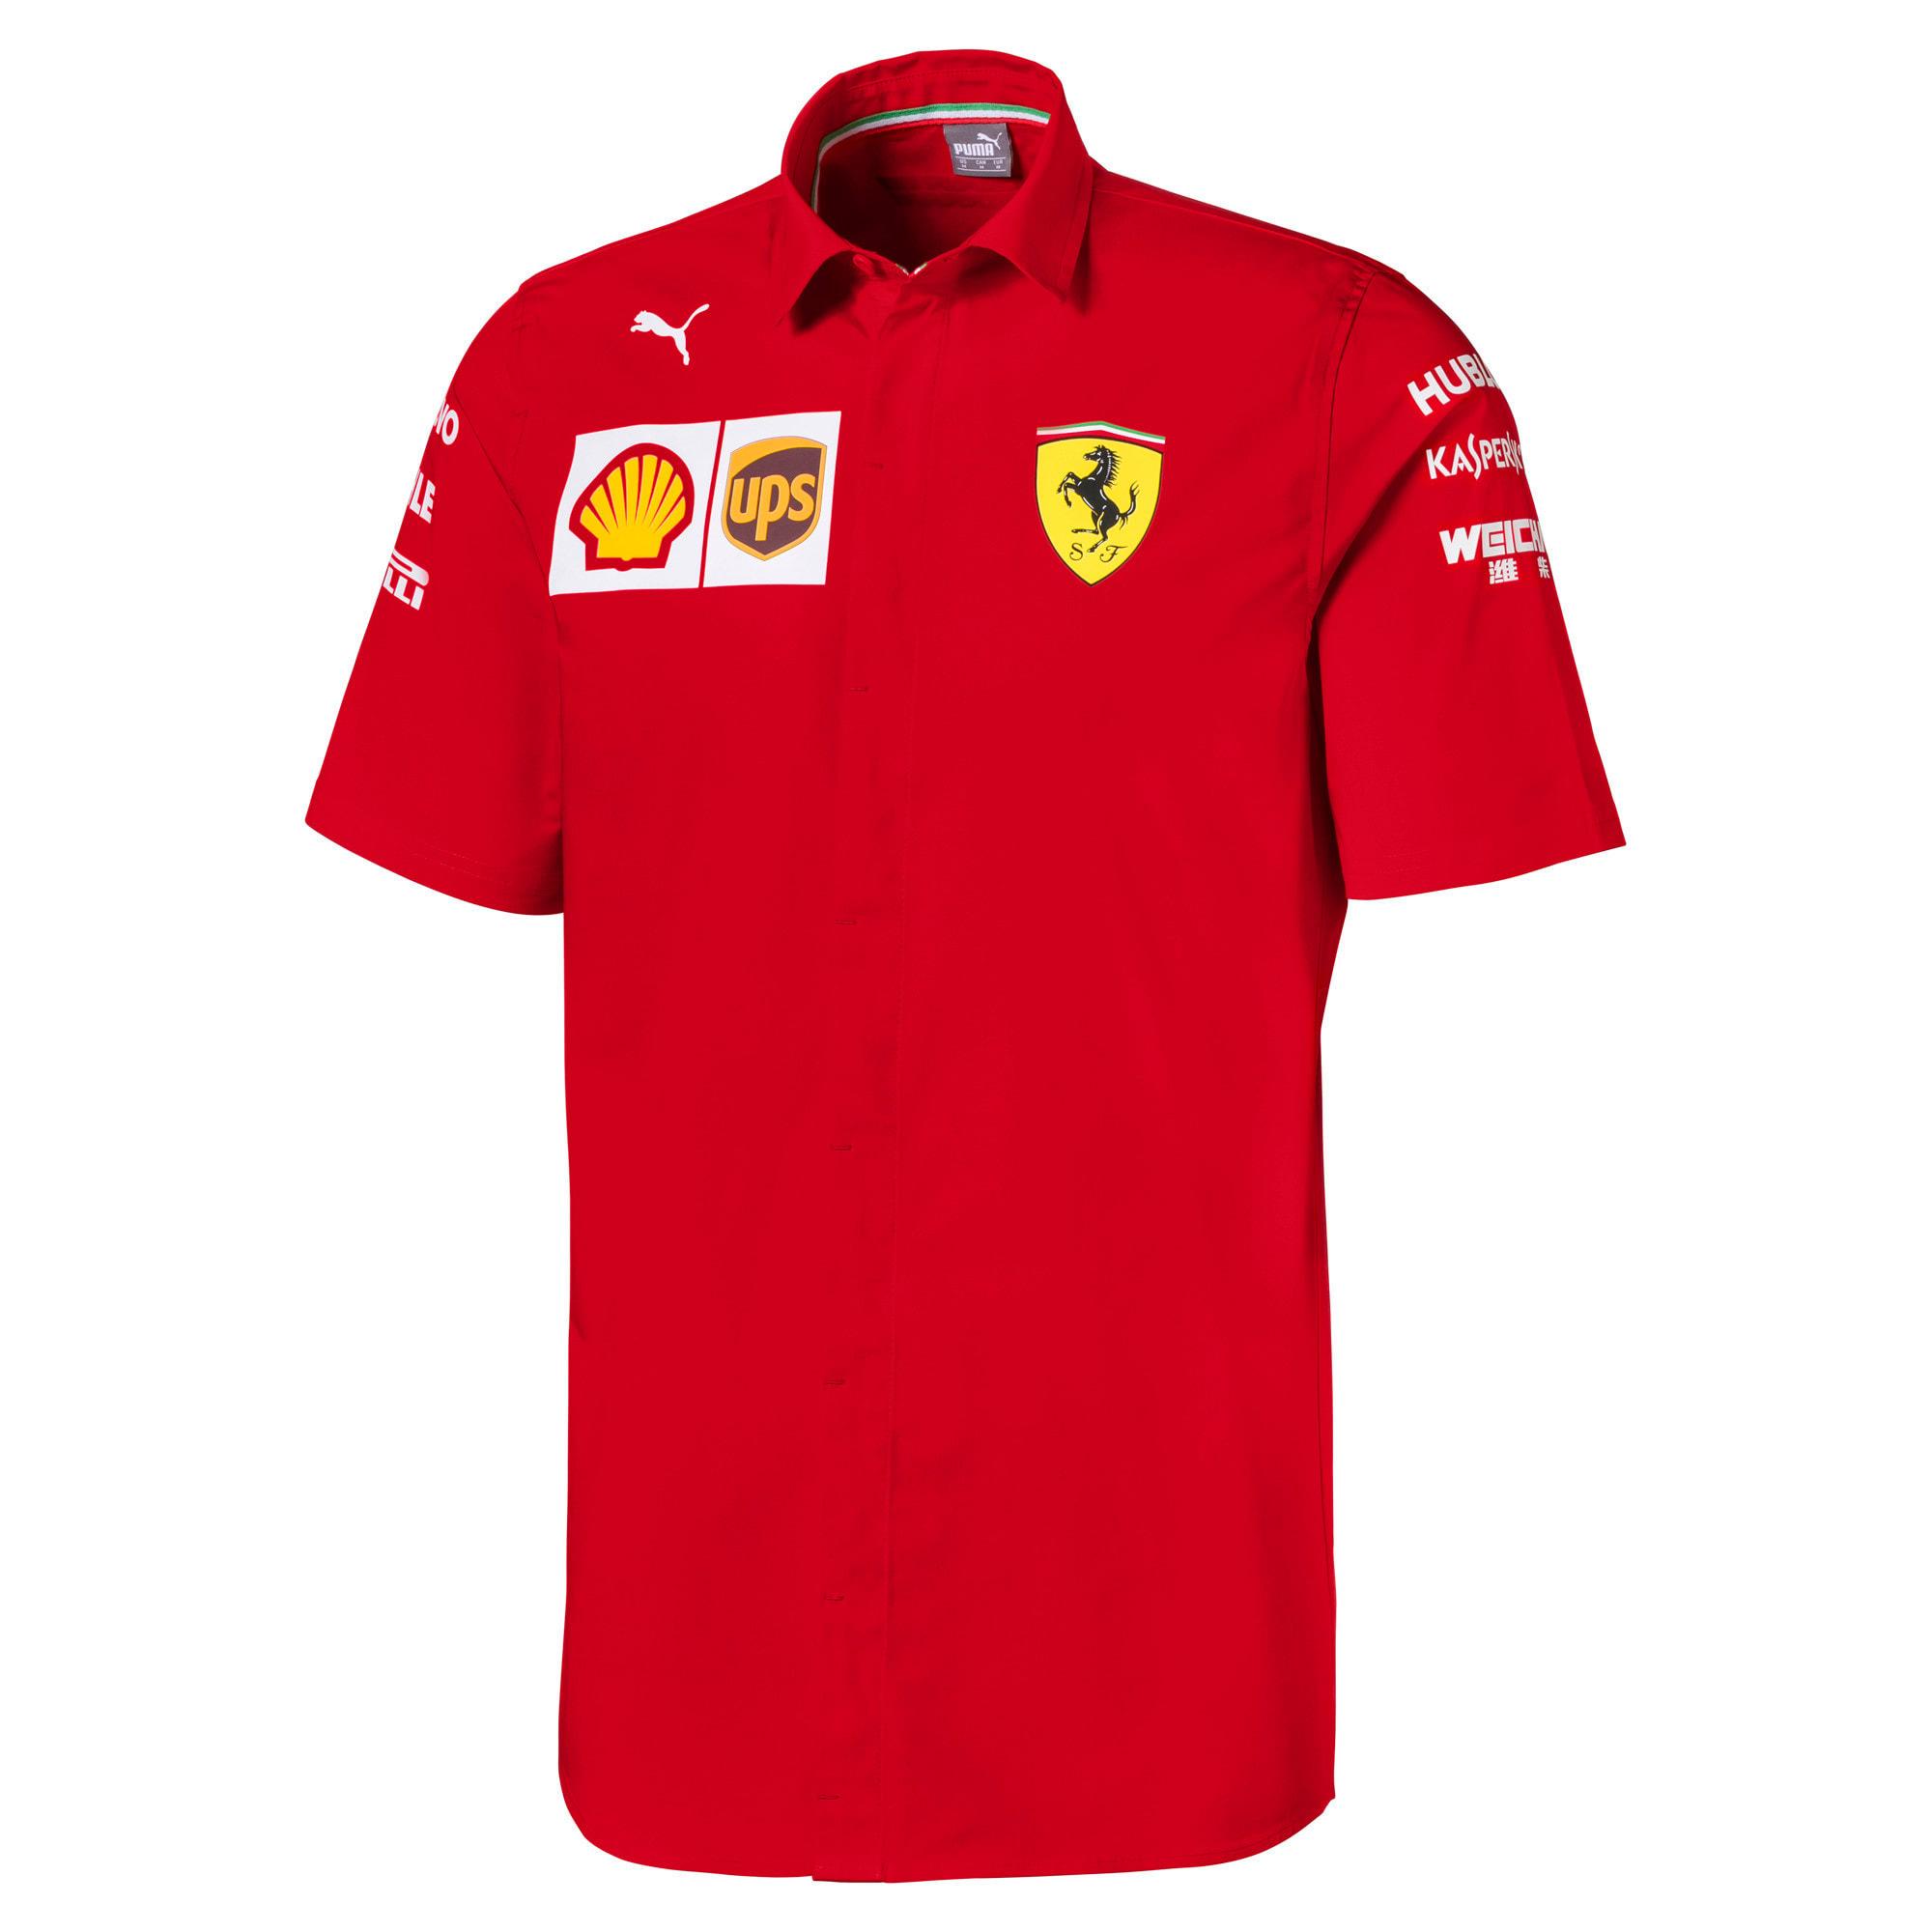 PUMA Chemise Ferrari Team à manches courtes pour Homme, Rouge, Taille XS